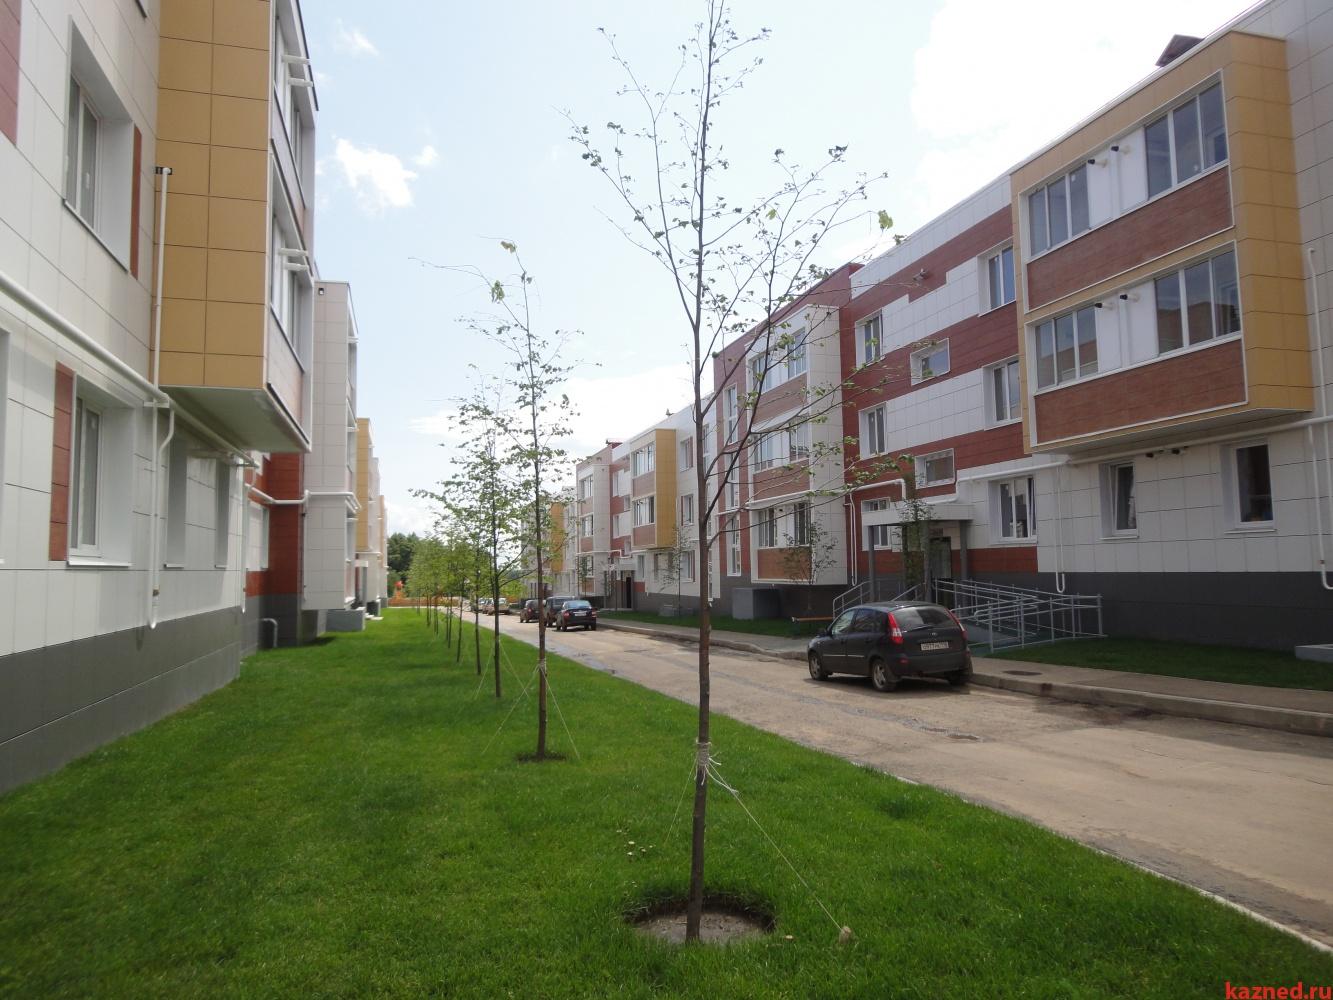 Продажа 1-к квартиры Мамадышский тракт, 35 м² (миниатюра №2)